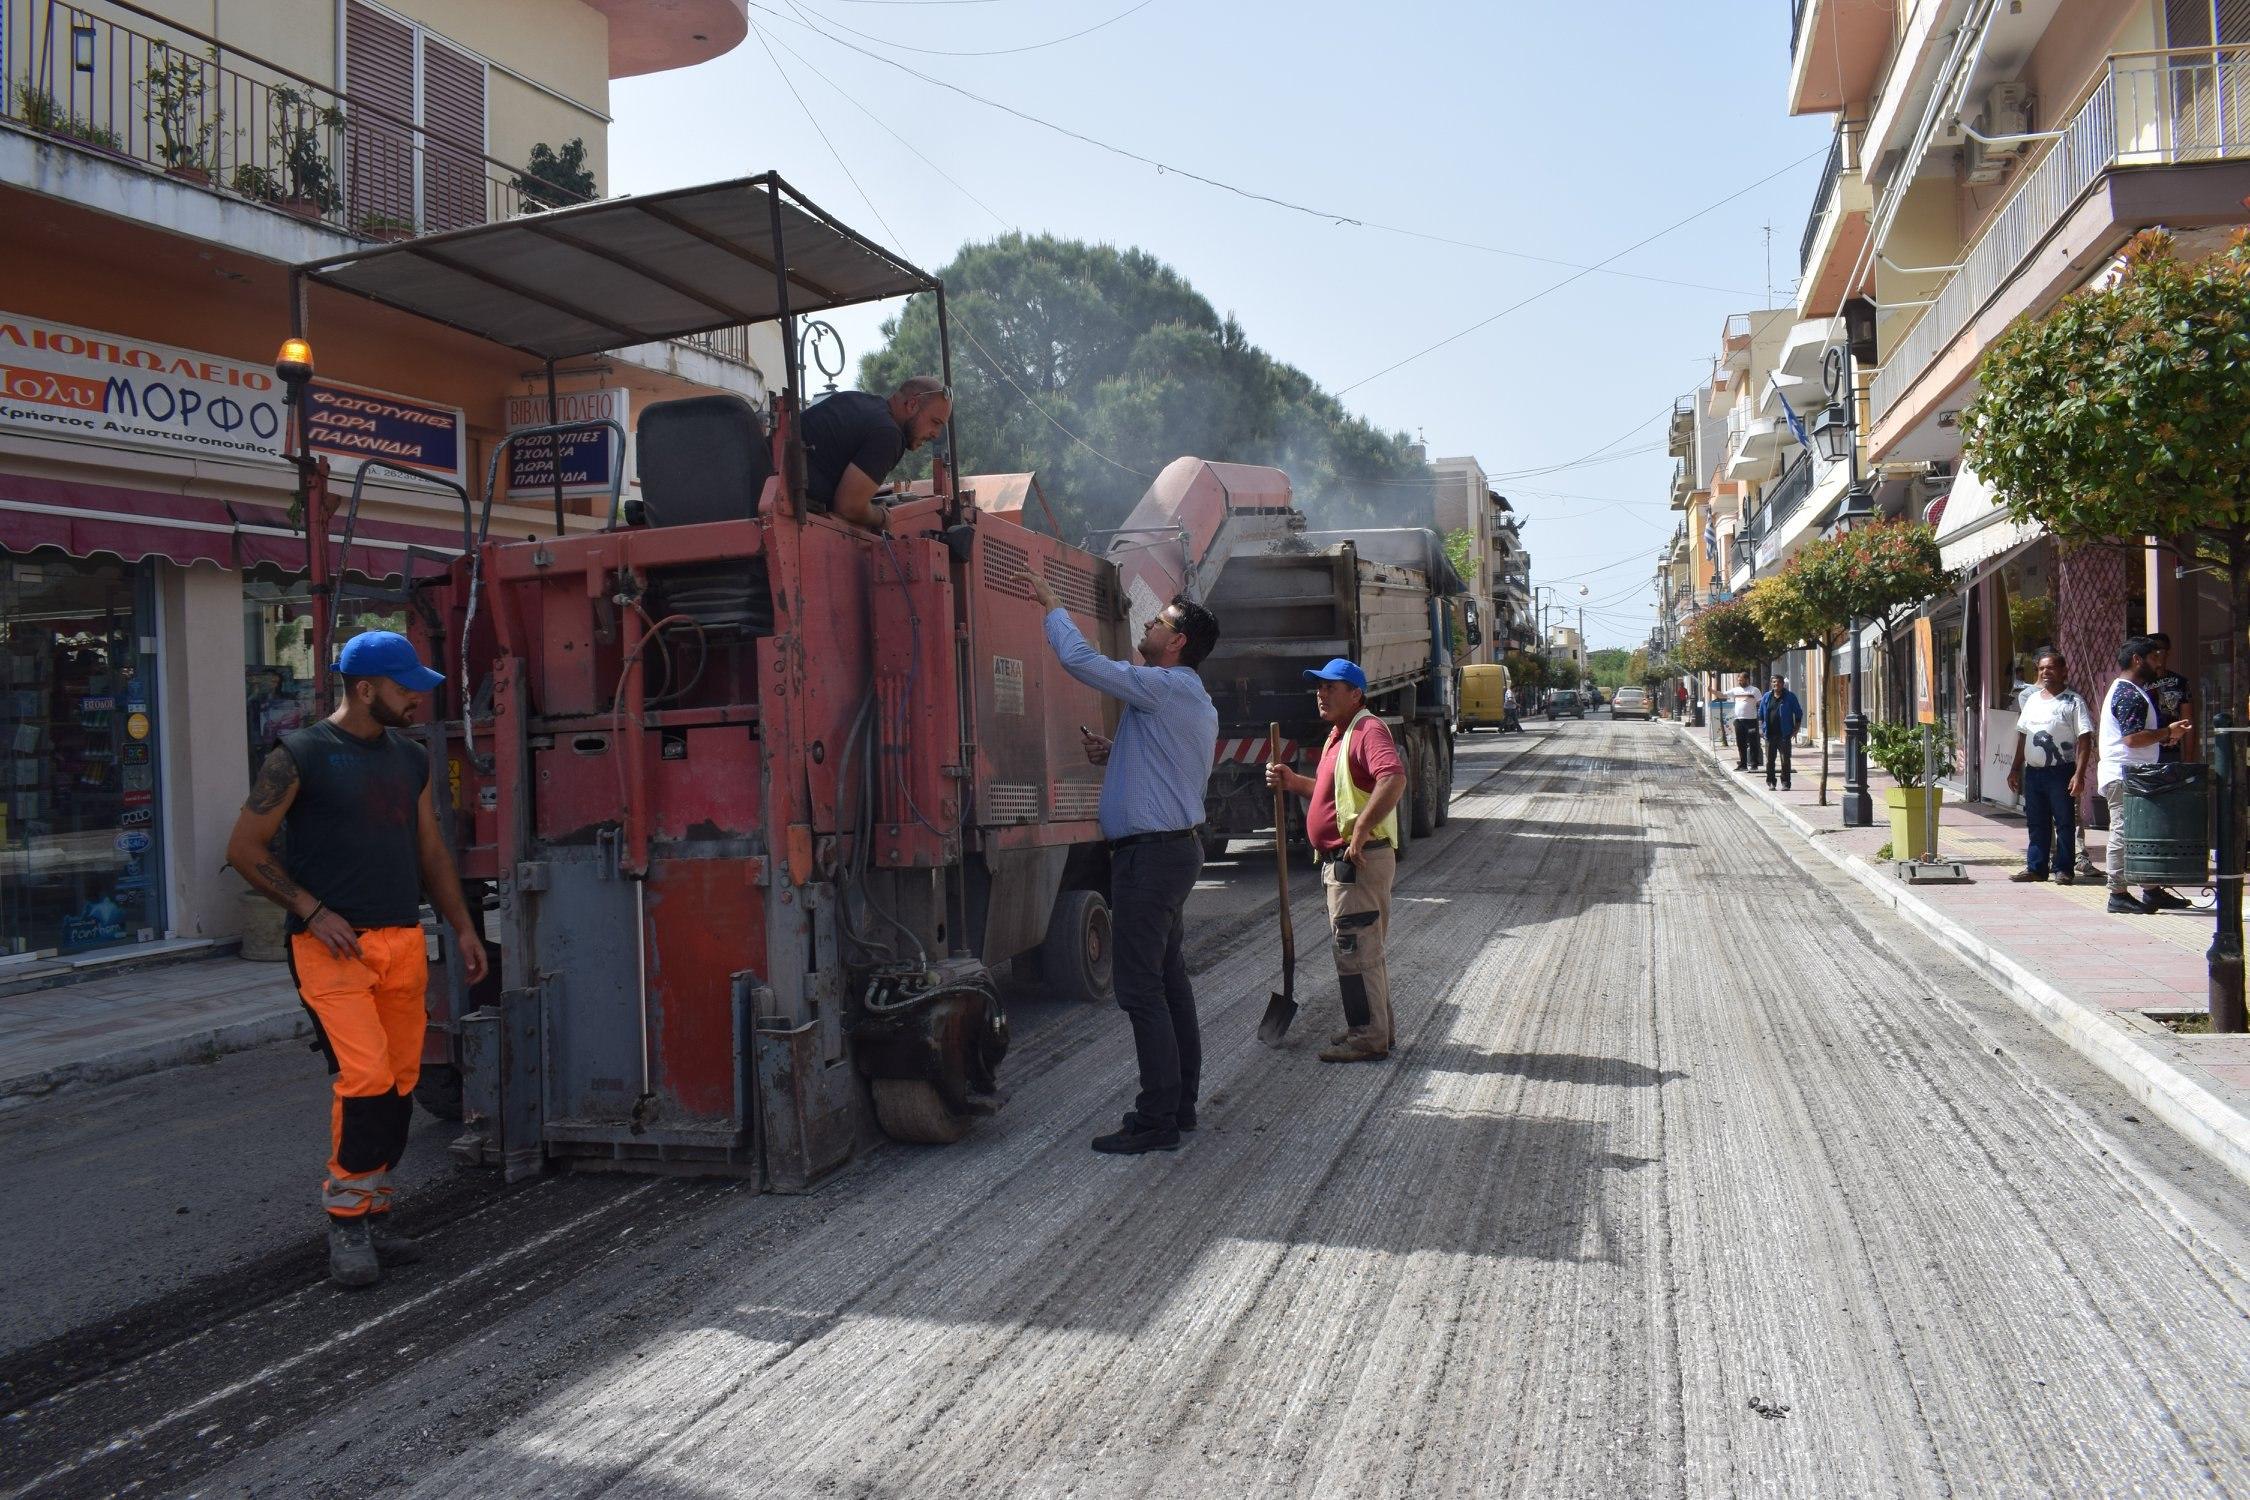 Δήμος Ανδραβίδας-Κυλλήνης: Συνεχίζονται τα έργα ασφαλτόστρωσης και ανακατασκευής του οδικού δικτύου (photos)